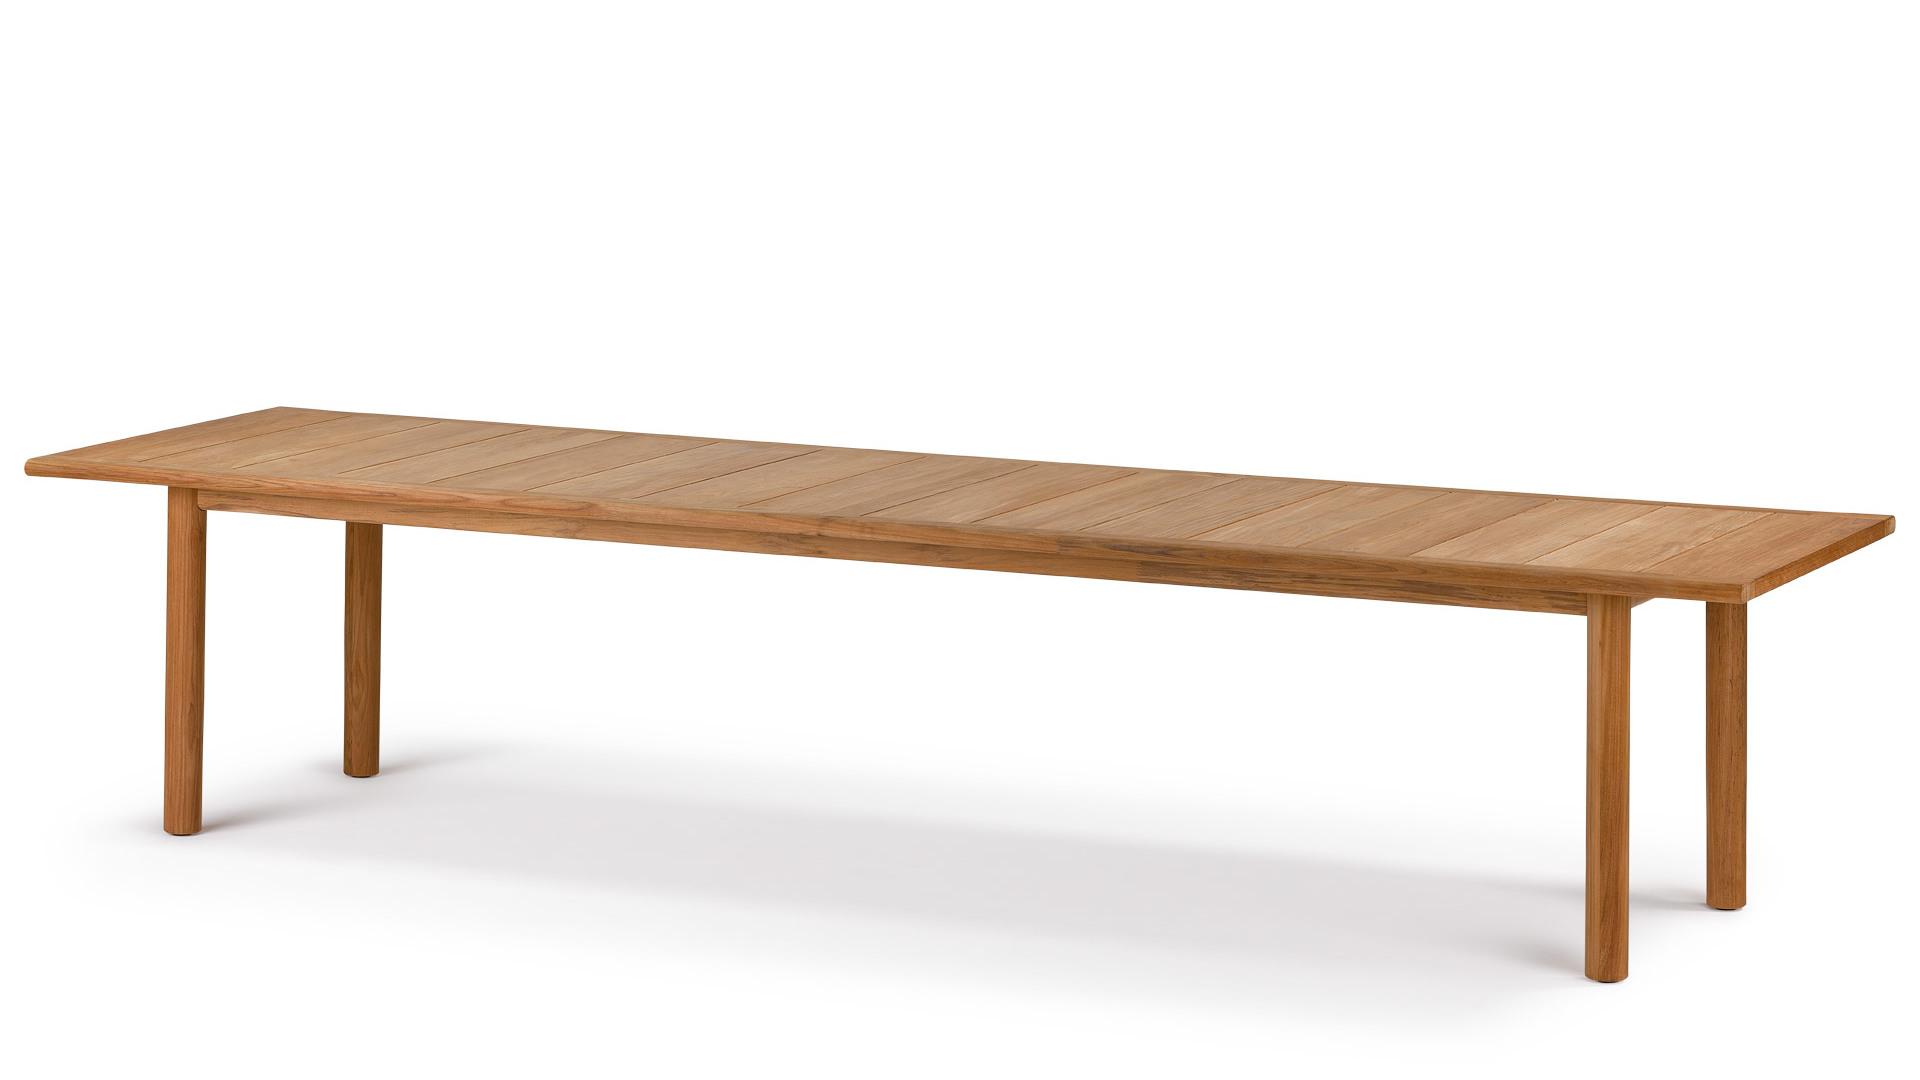 DEDON-TIBBO_Dining-table-103x338-1920x1266px.jpg